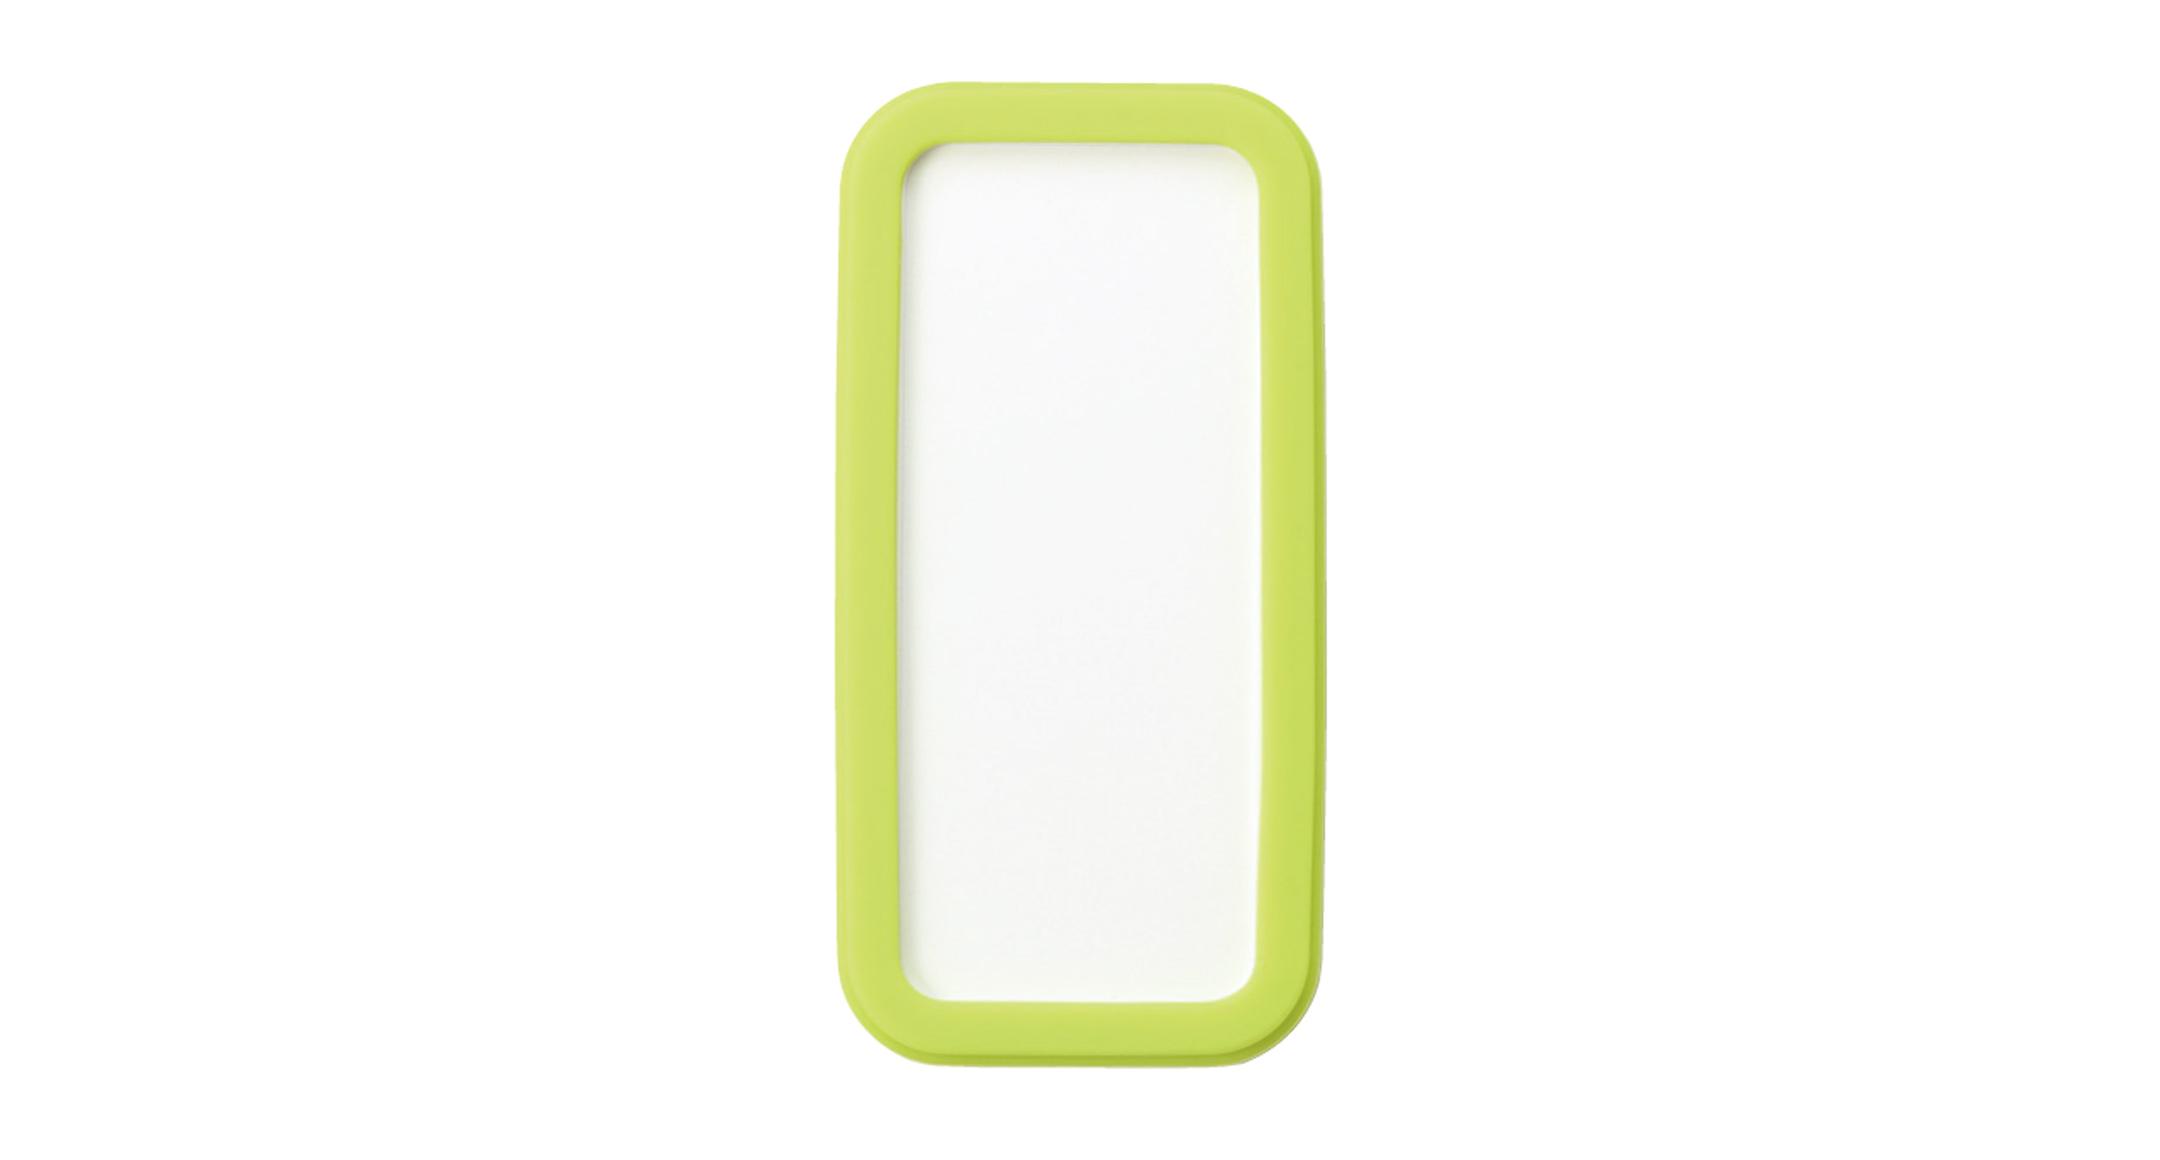 シリコンカバー付ポータブルケース CSSシリーズ:ホワイト/グリーンの画像